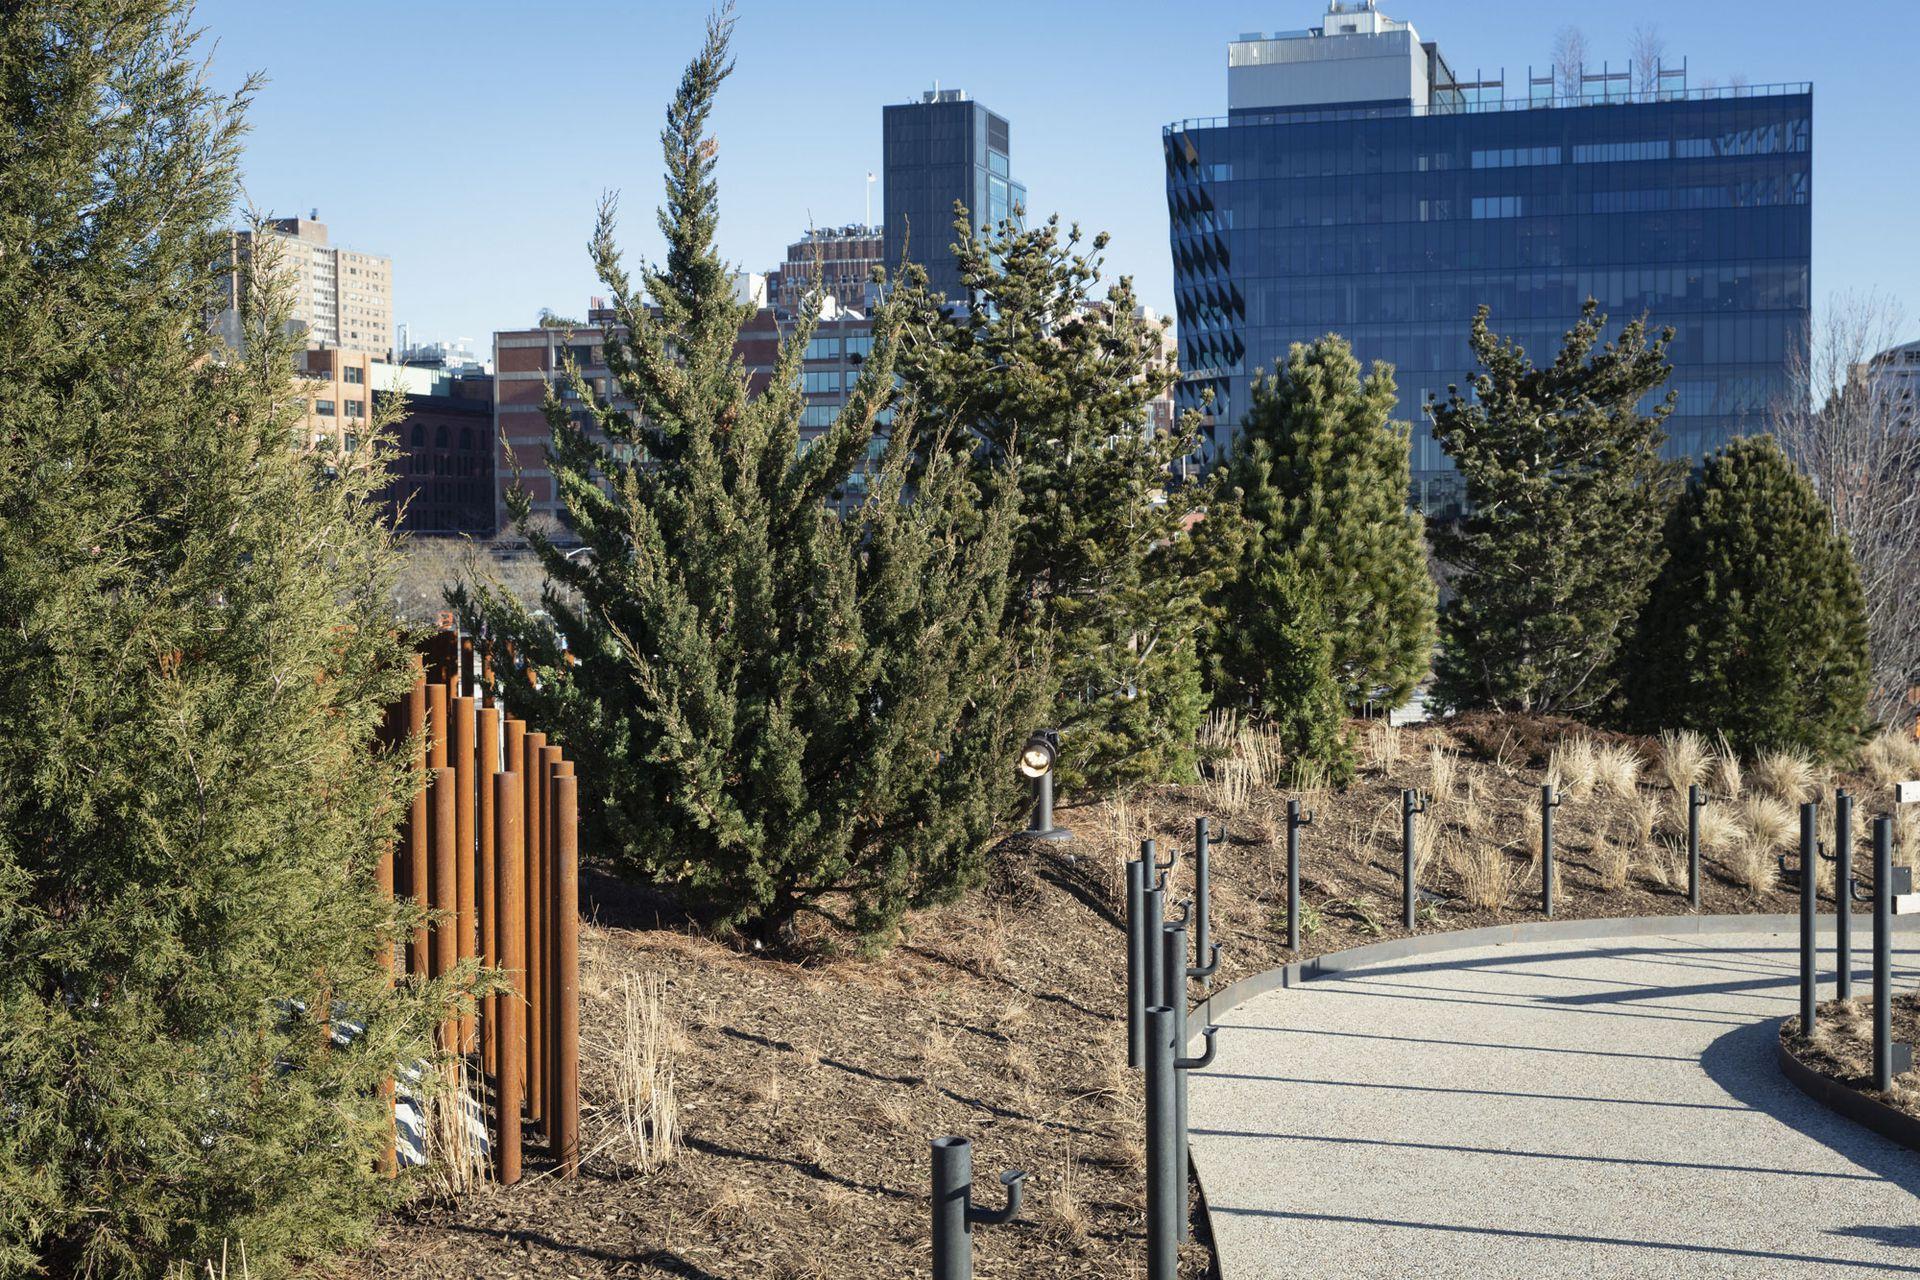 El diseño paisajístico incluyó plantaciones variadas para proporcionar un entorno cambiante en cada estación del año, con árboles y arbustos que fluyen, follaje otoñal y árboles de hoja perenne, como los de la foto.